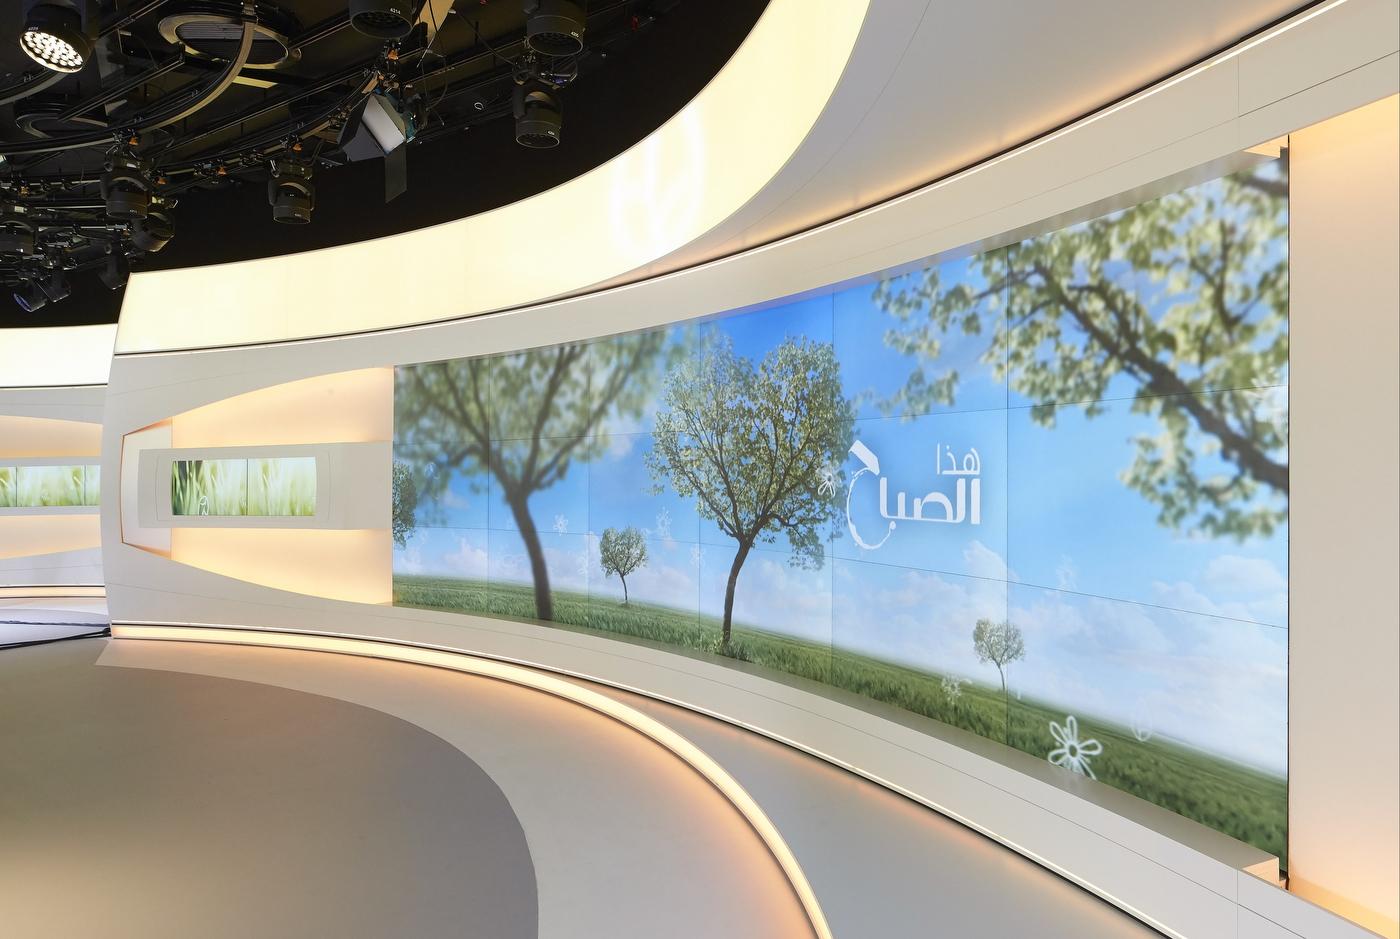 NCS_Al-Jazeera-Studio-14_0016